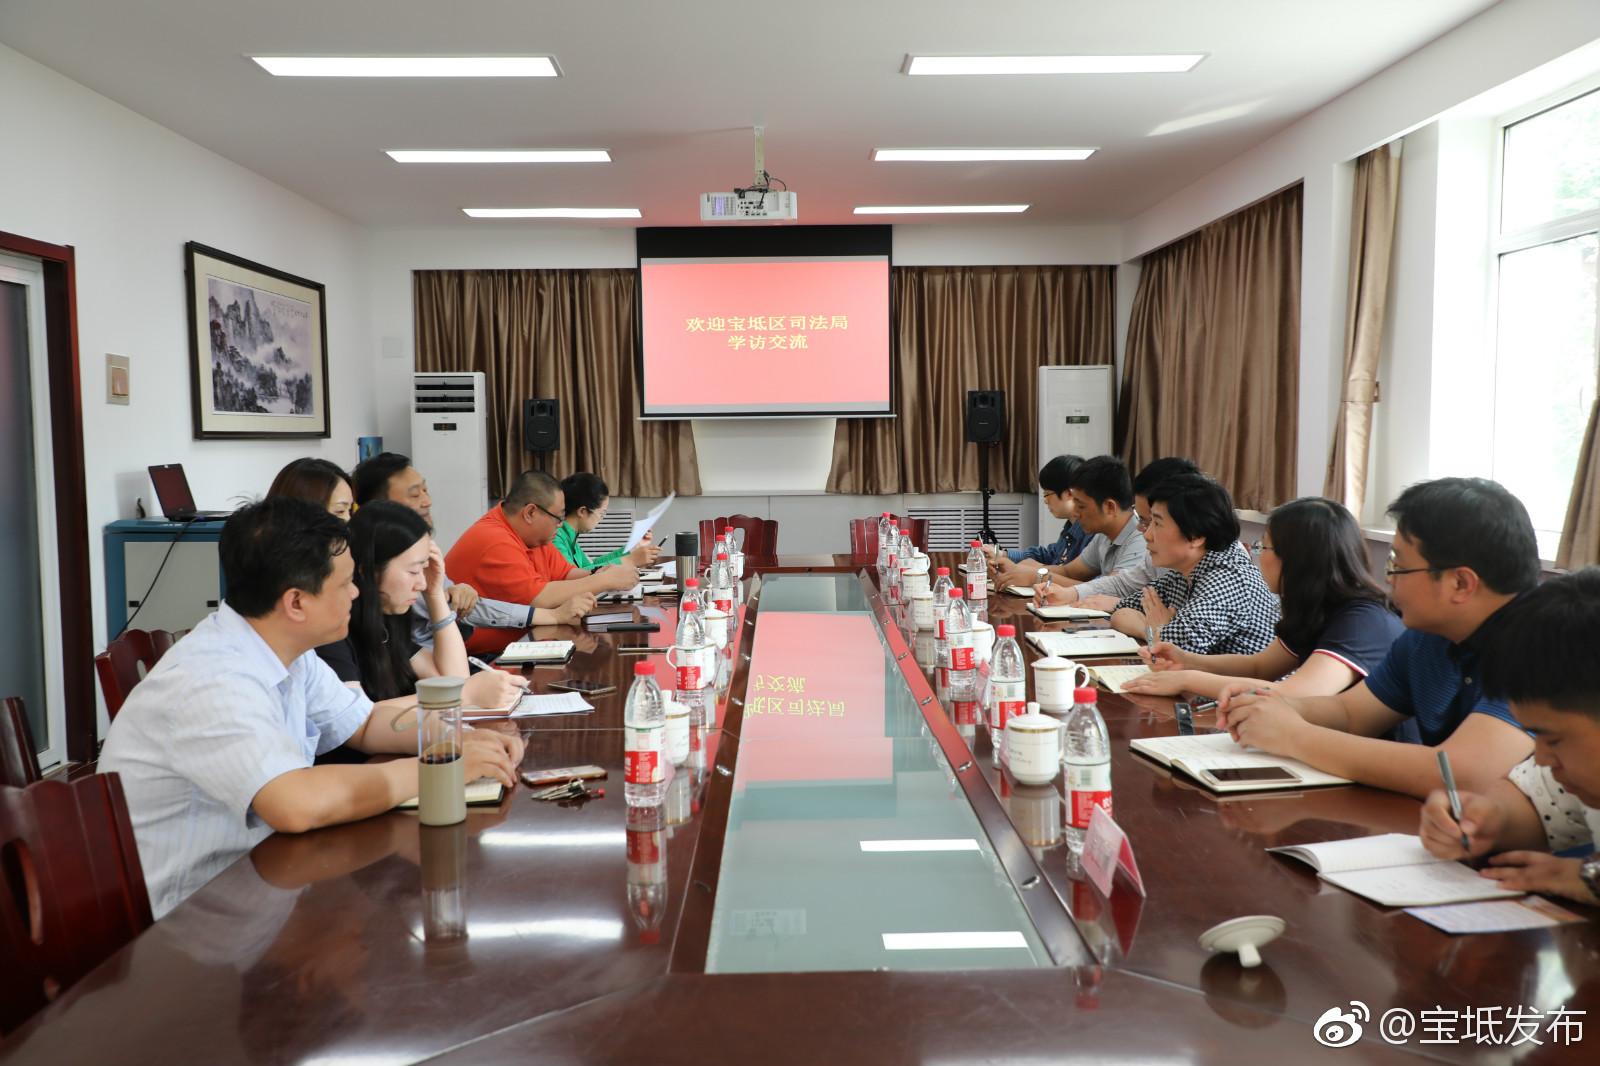 天津市医保及各区分中心电话一览表  天津本地宝